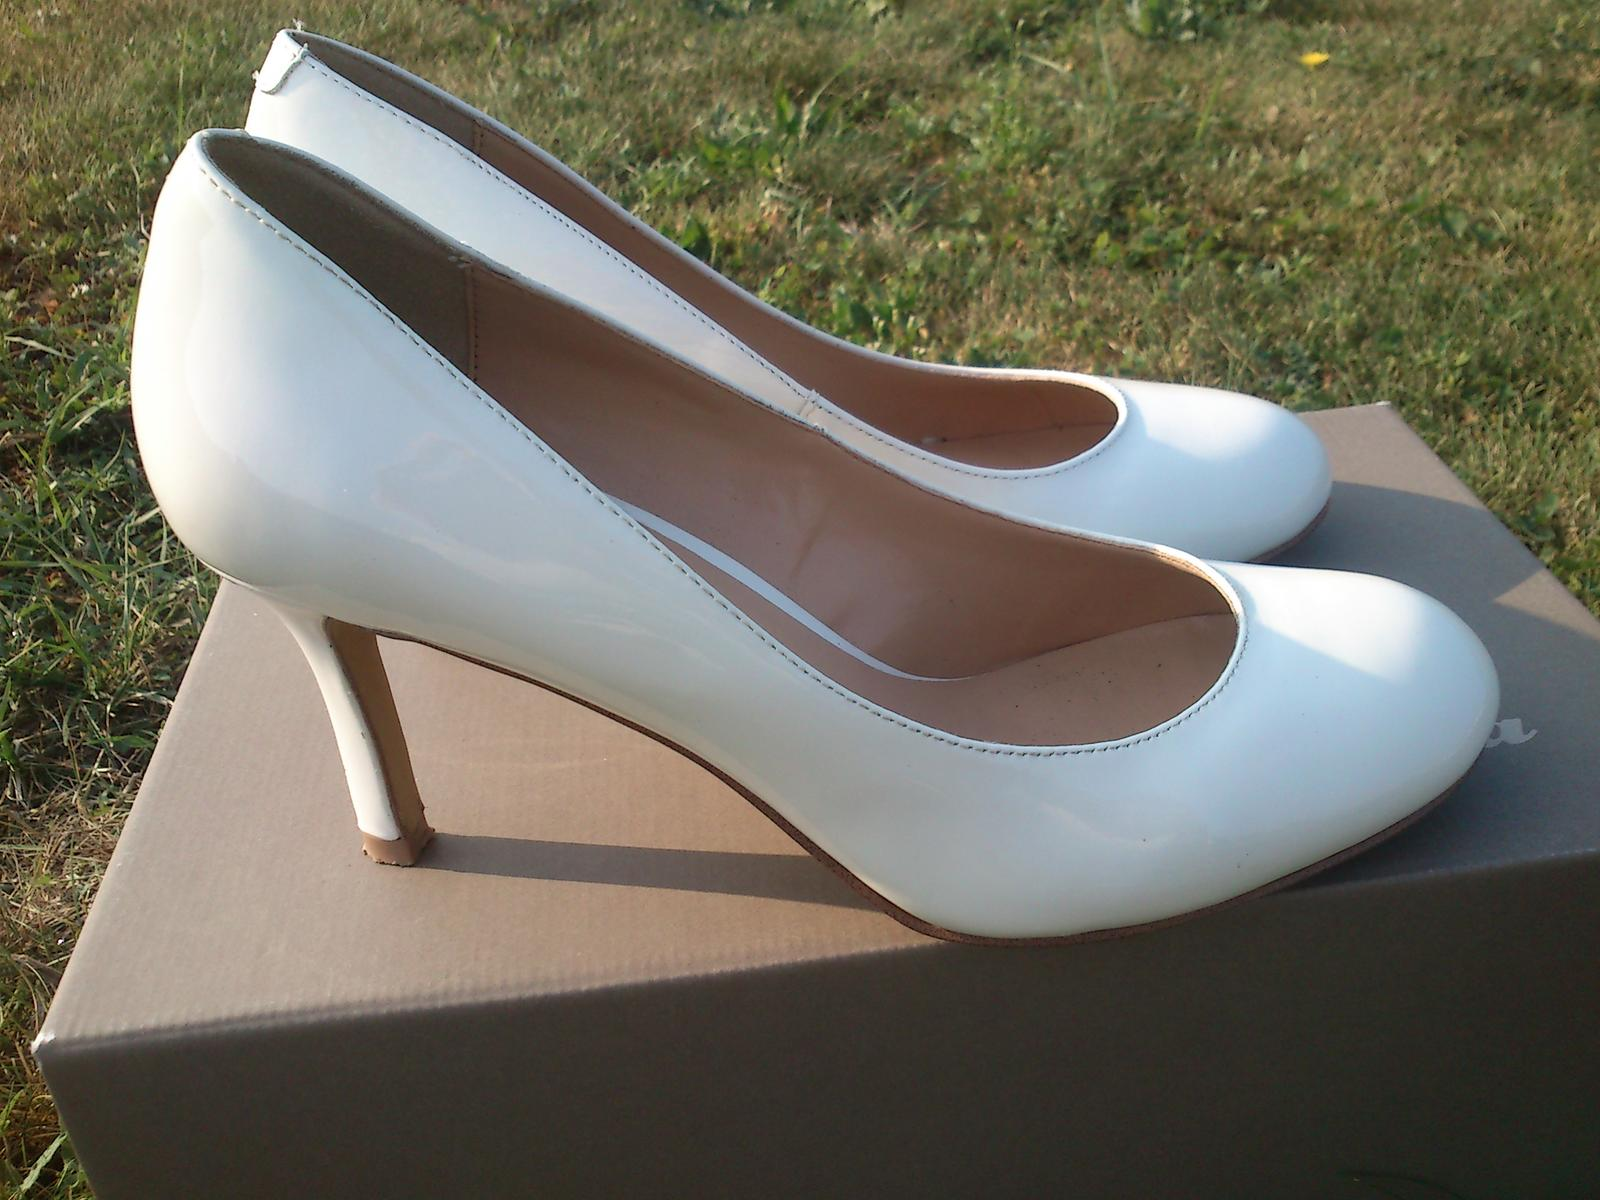 892b29b7cc Svatební bílé kožené lodičky - jednou nošené